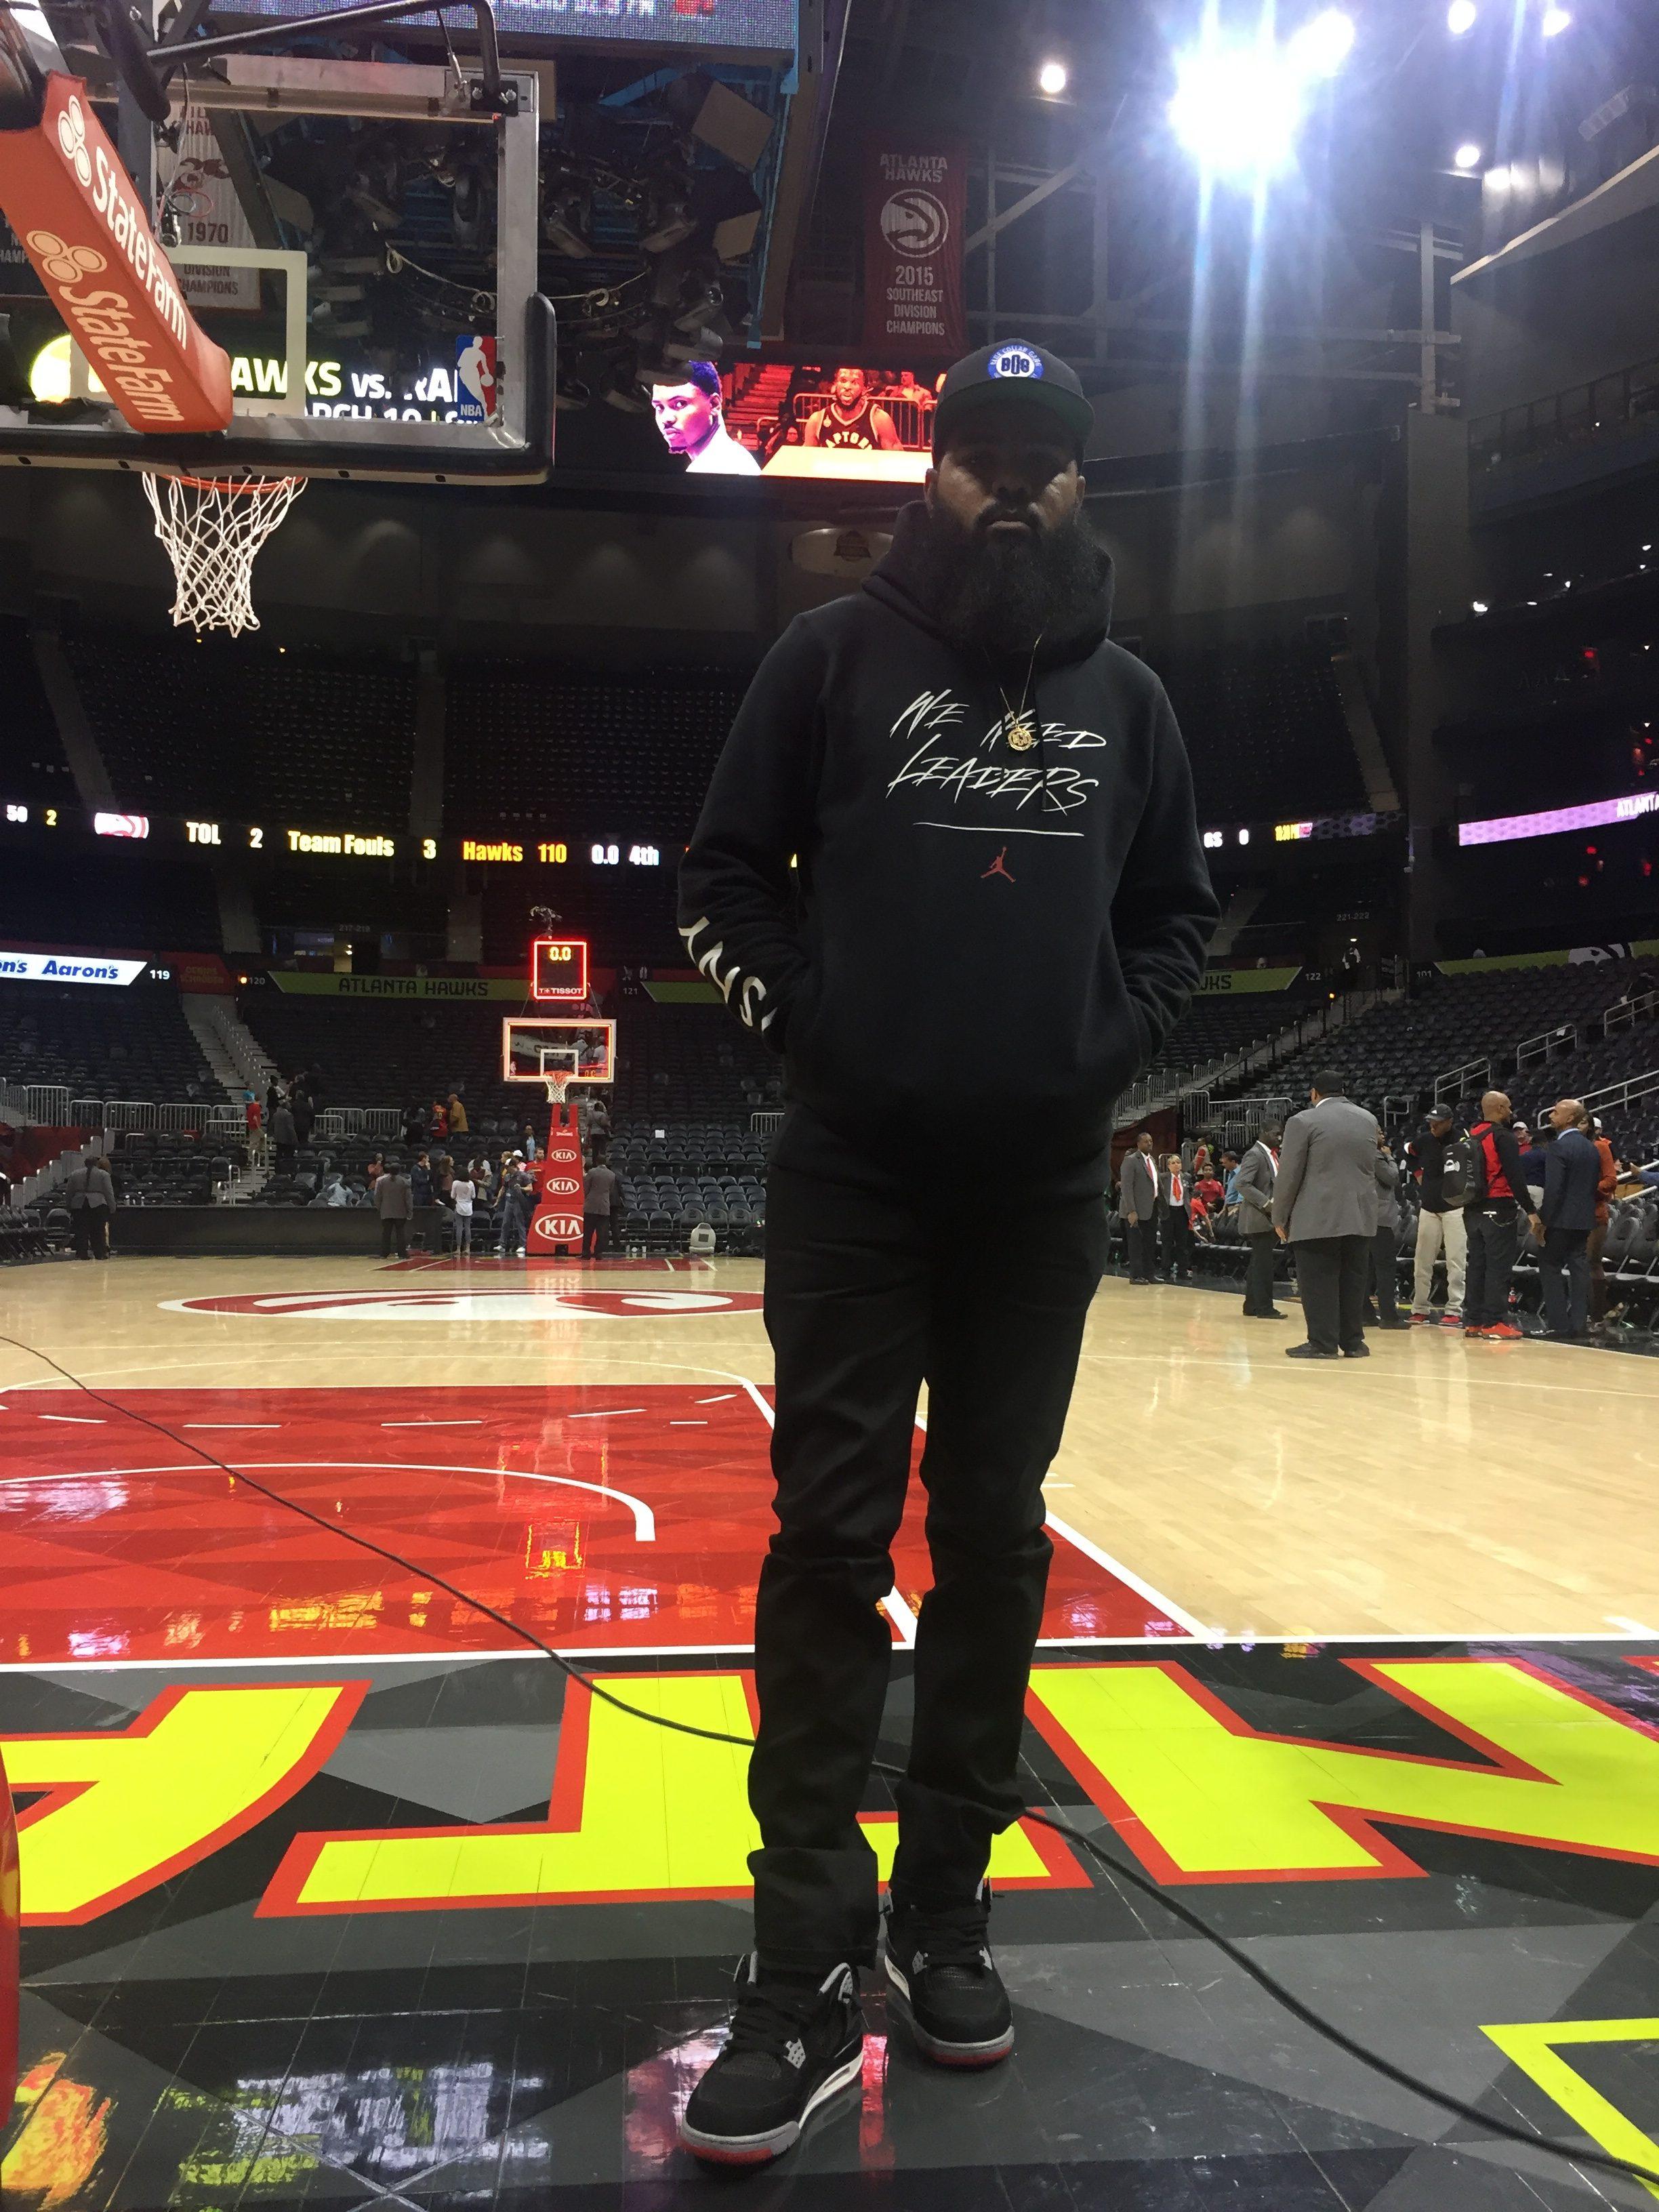 Stalley in the Air Jordan 4 Black/Red